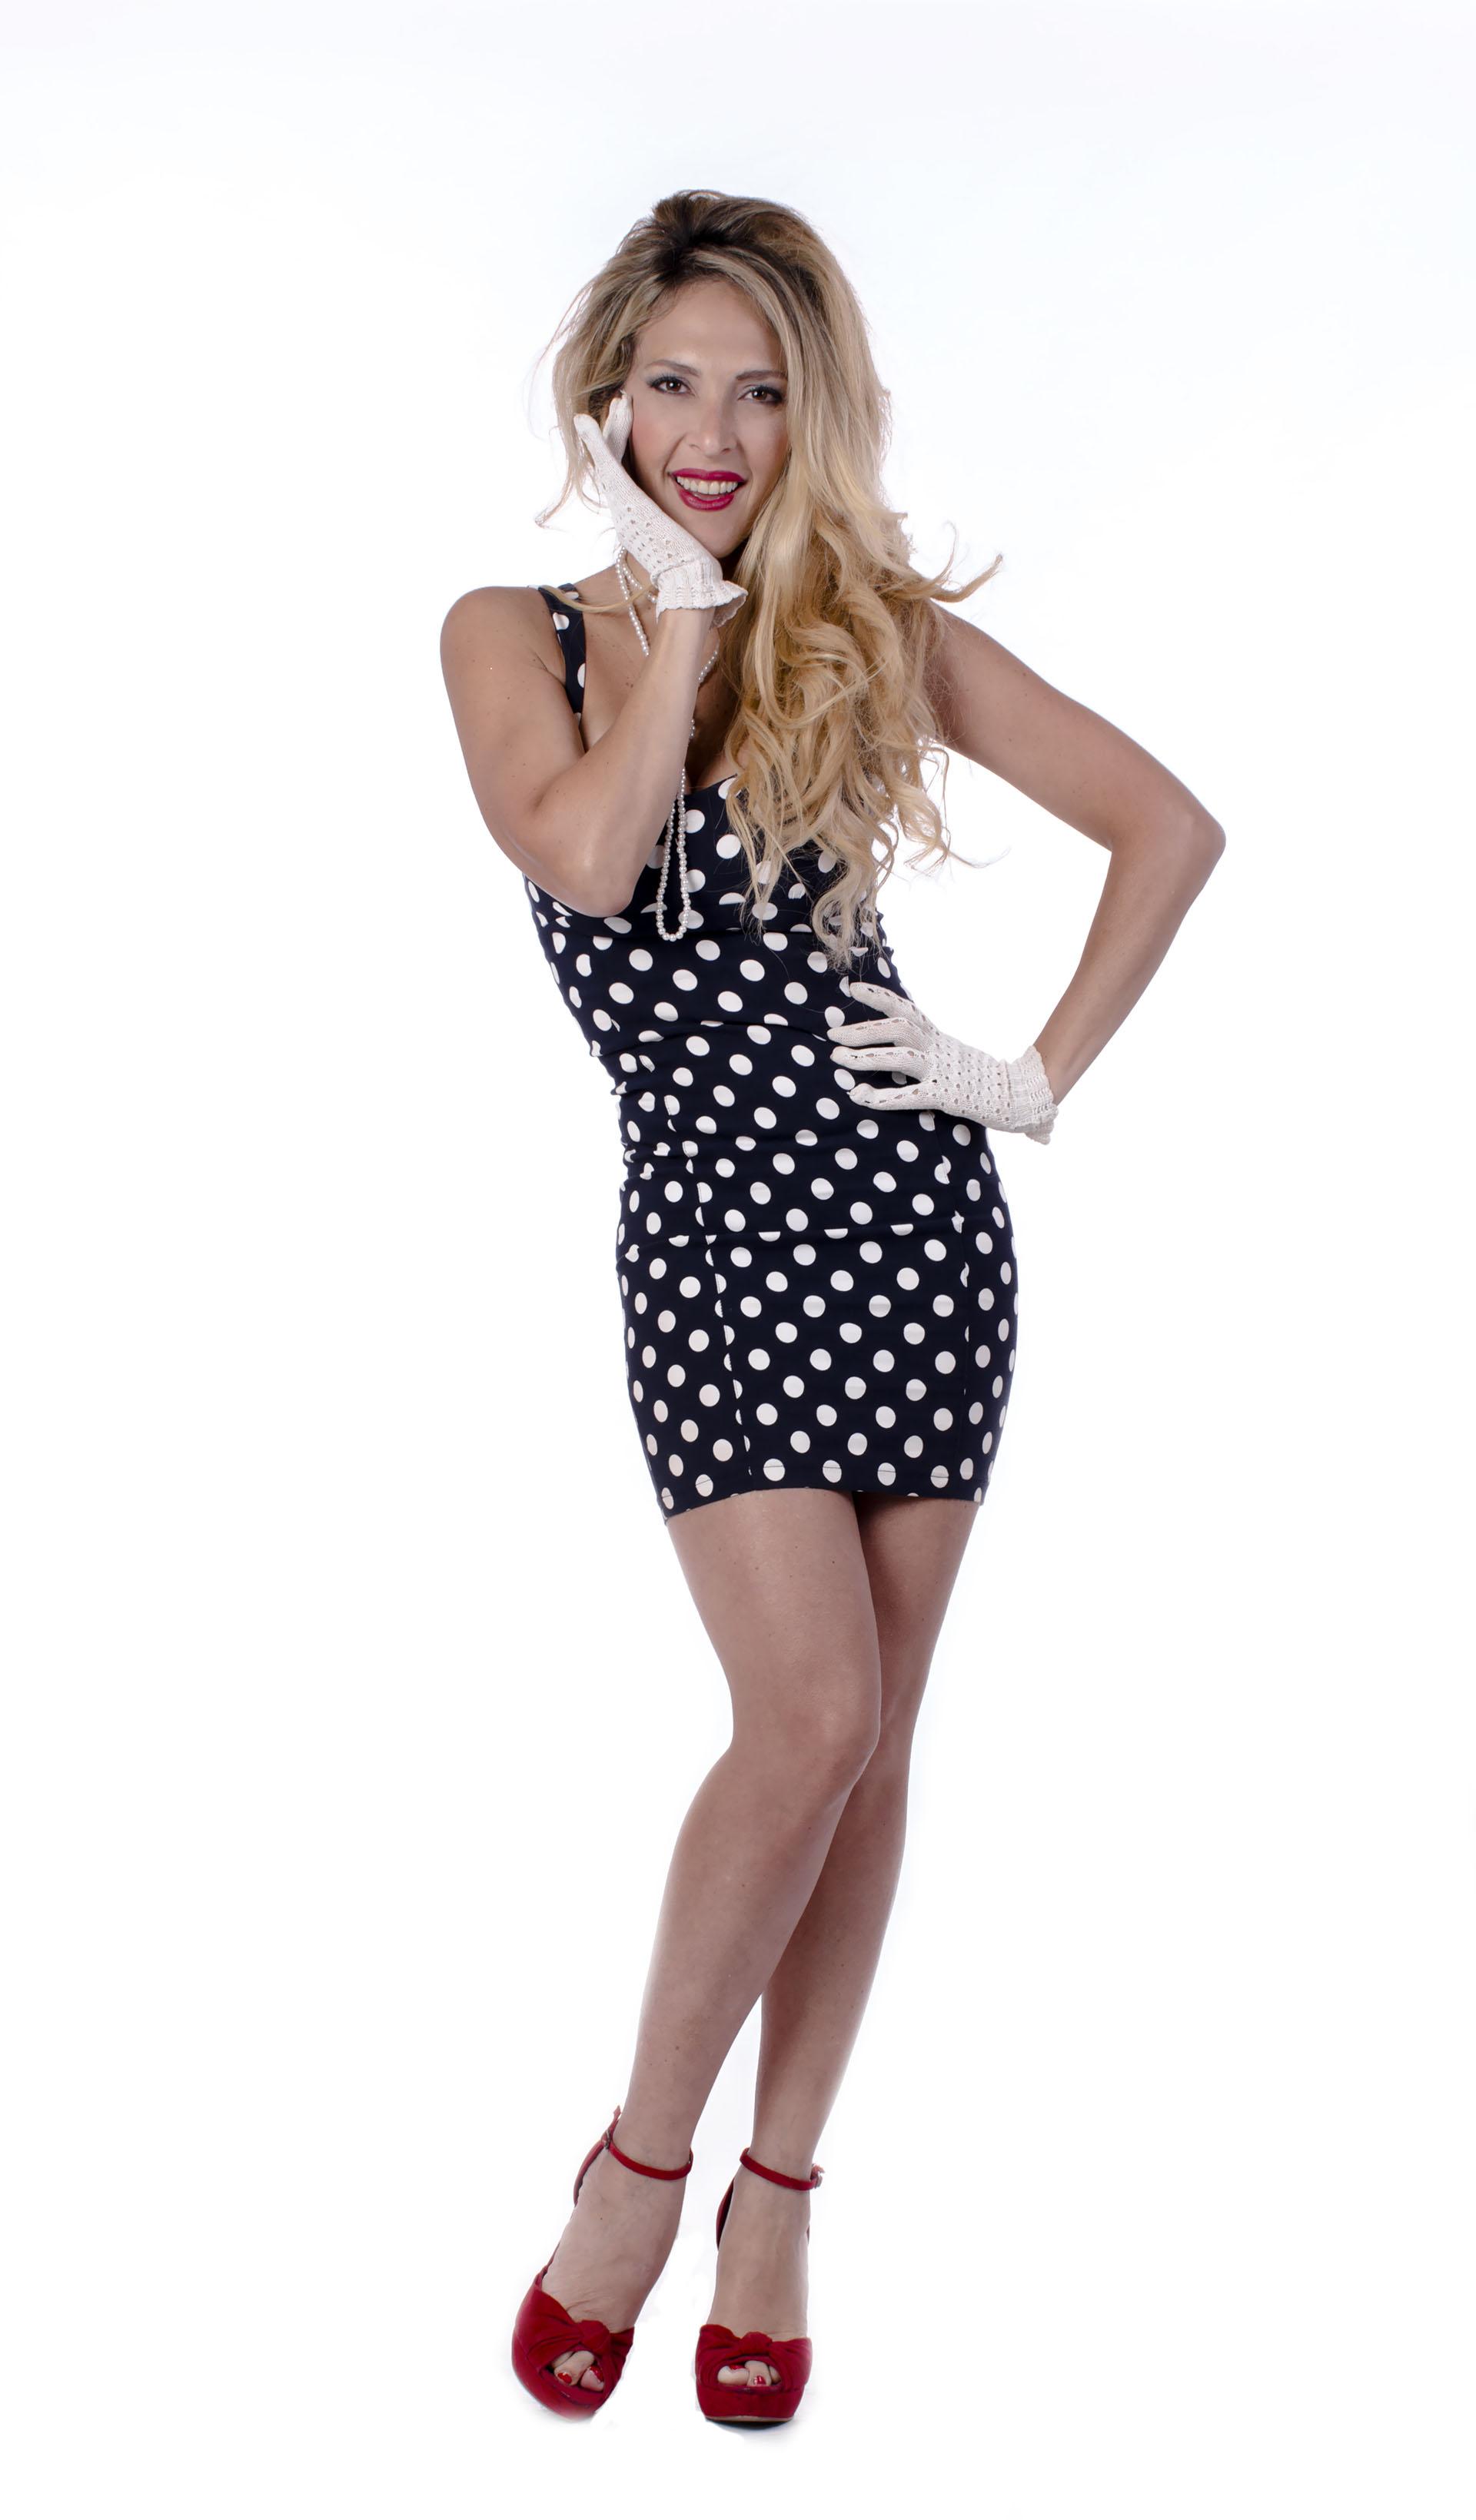 Lorena Liggi, dueña de un cuerpo infartante, posó muy sexy para esta producción